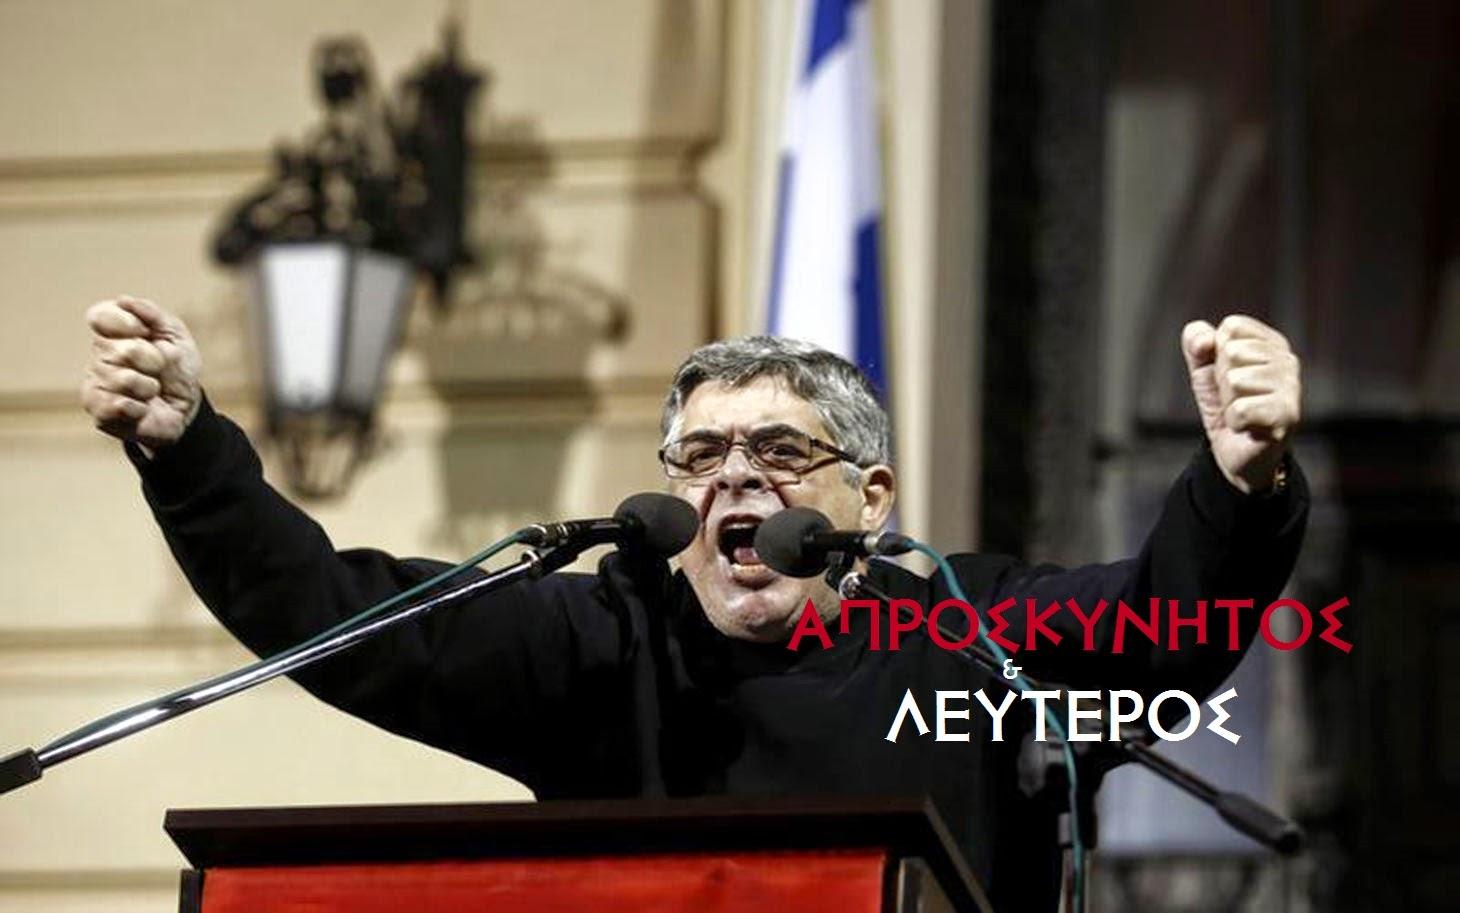 Ν. Γ. Μιχαλολιάκος: Υπάρχουν Έλληνες που αντιστέκονται και δεν δέχονται την εθνική ντροπή!